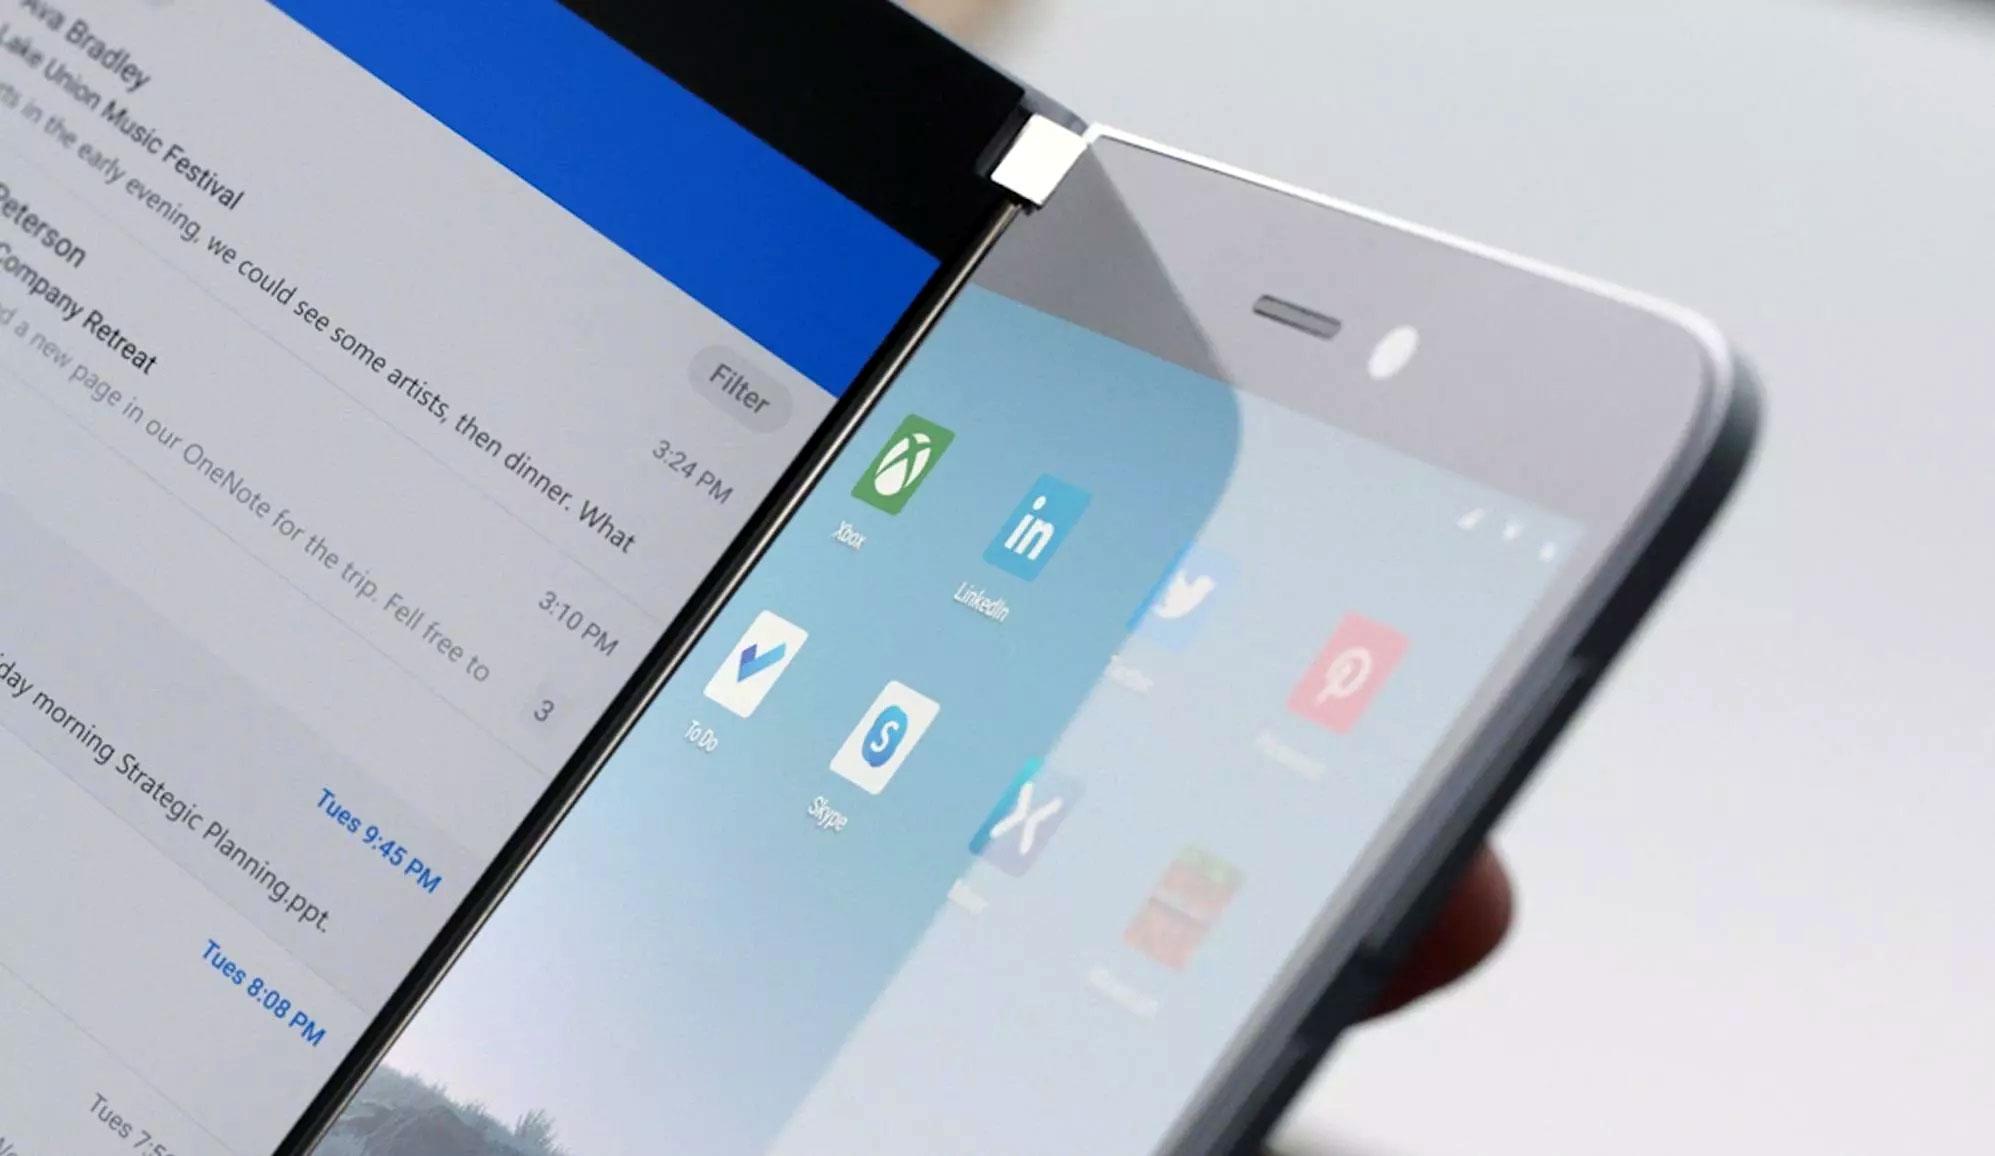 دوربین تبلت تاشو مایکروسافت سرفیس دو (Surface Duo) قرار است در کلاس حرفه ای باشد